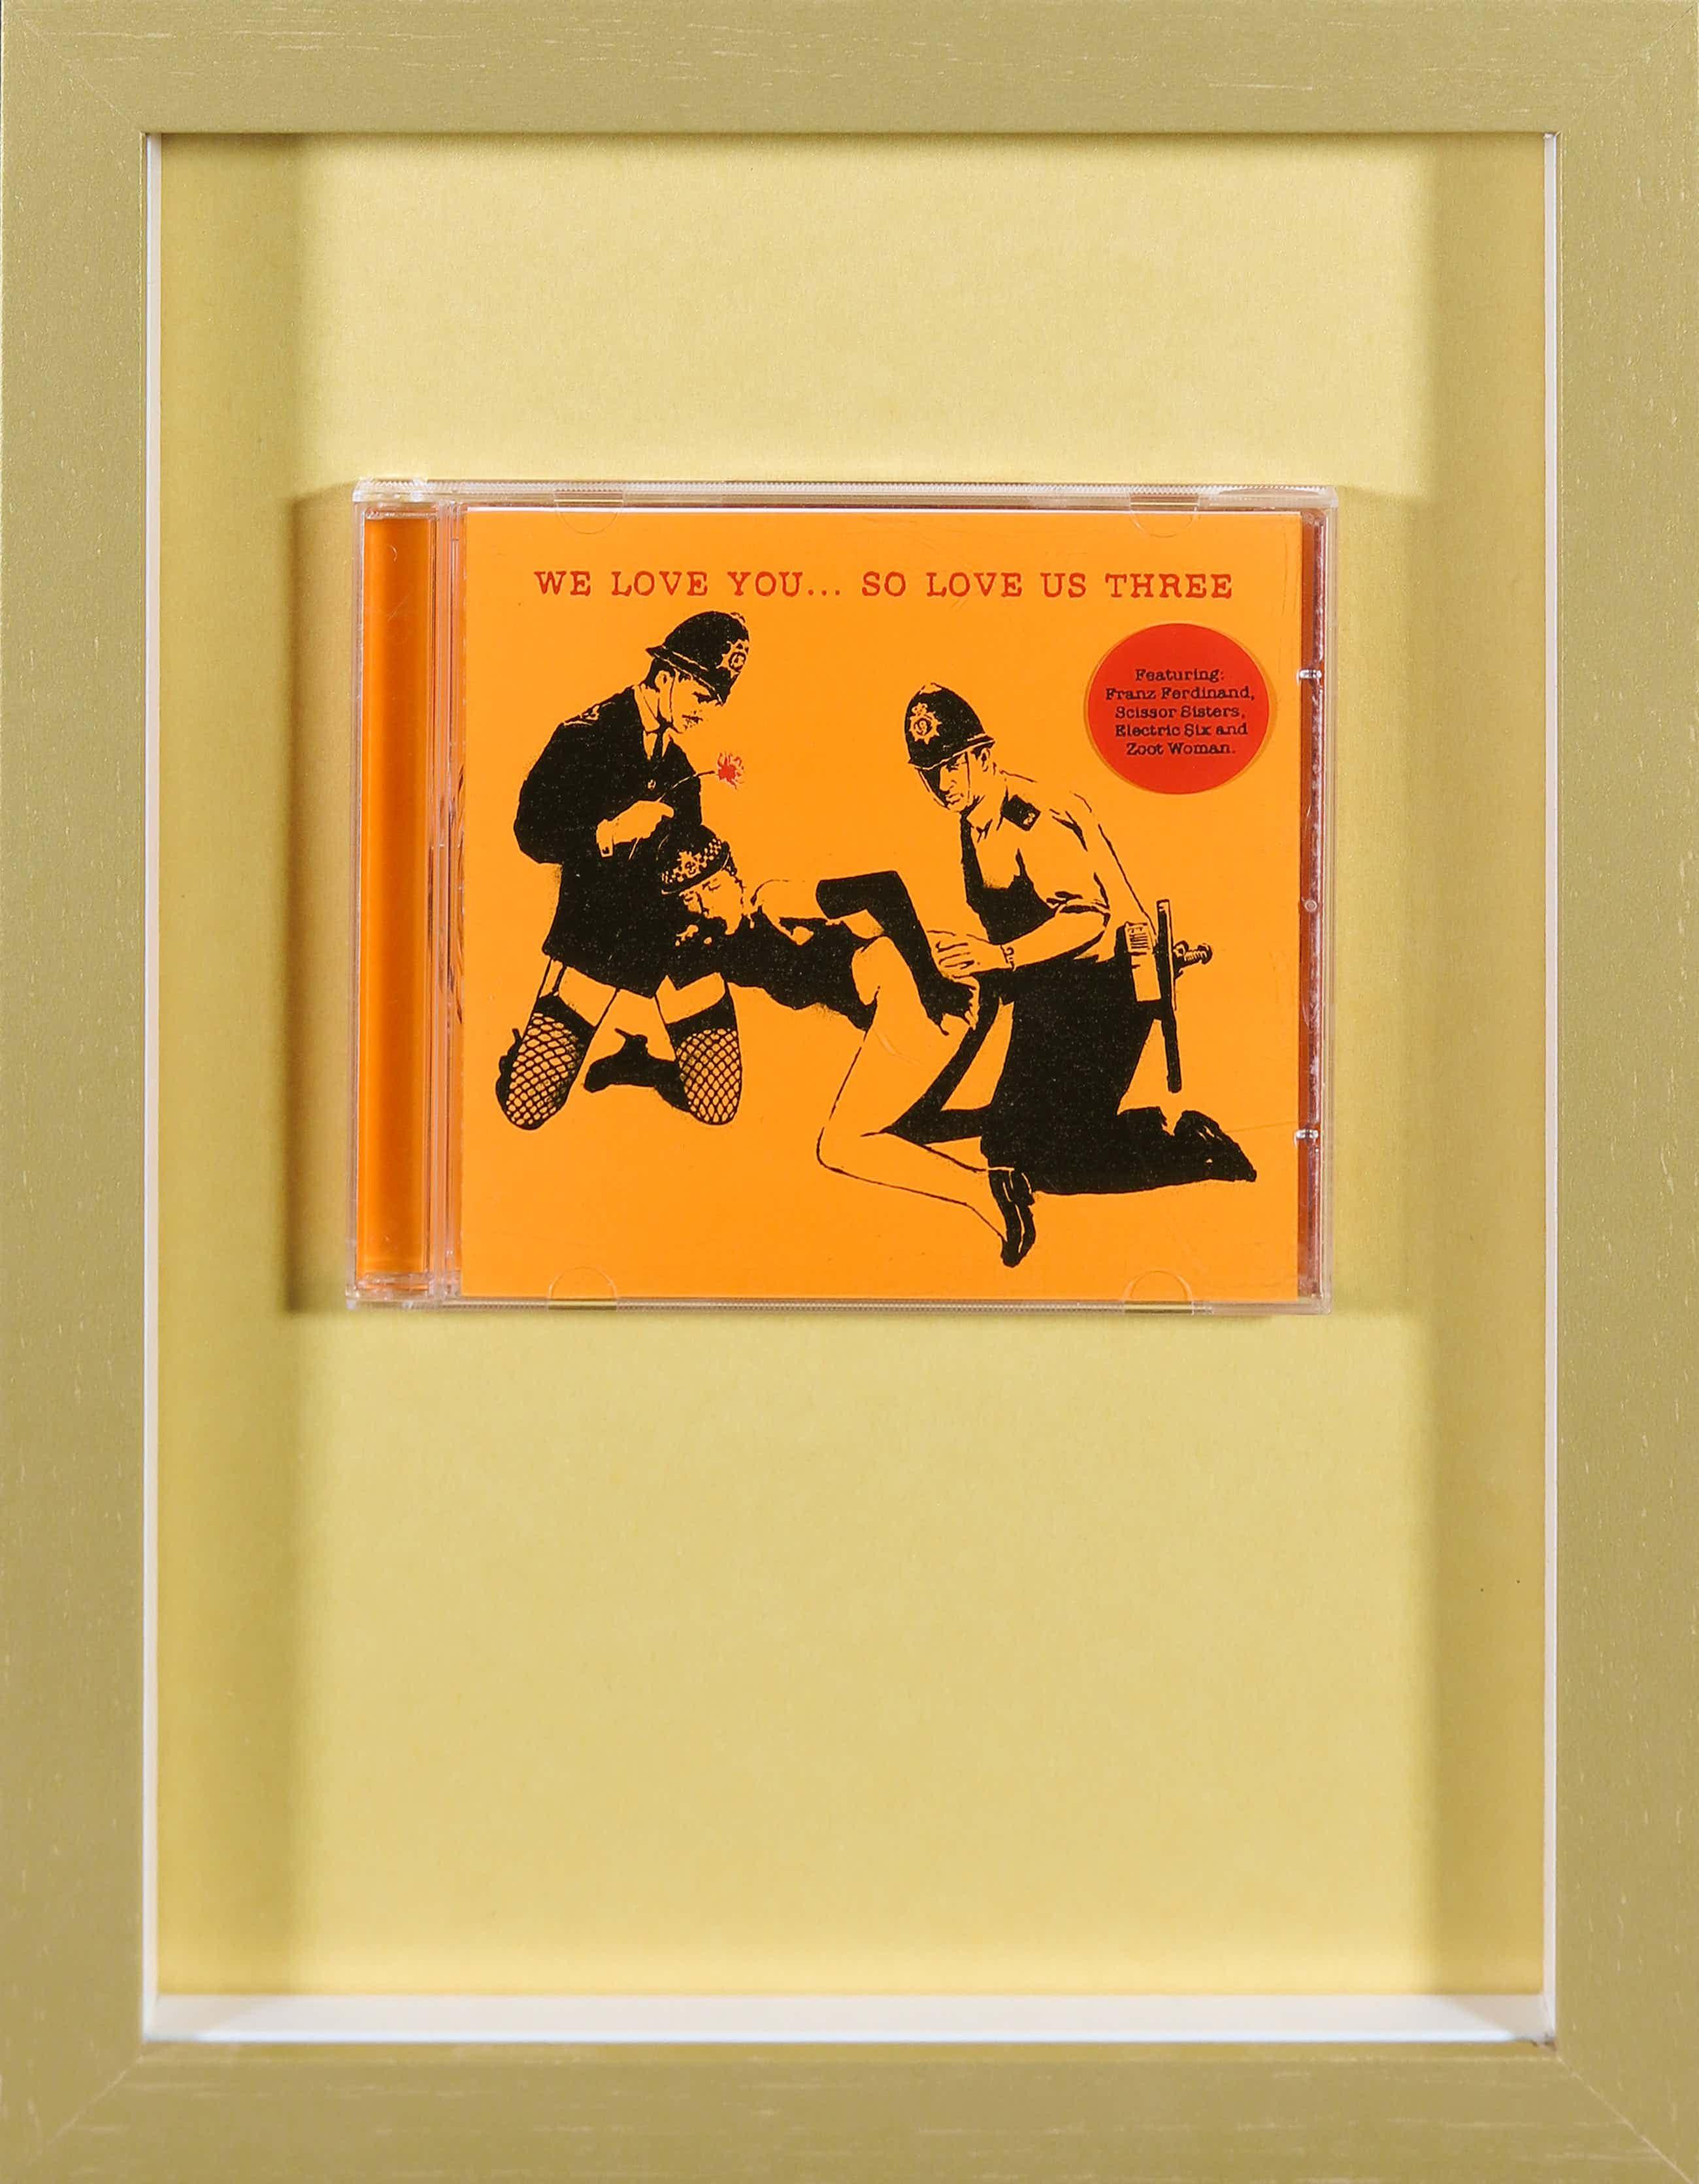 Banksy - We love you... so love us three (CD) kopen? Bied vanaf 44!